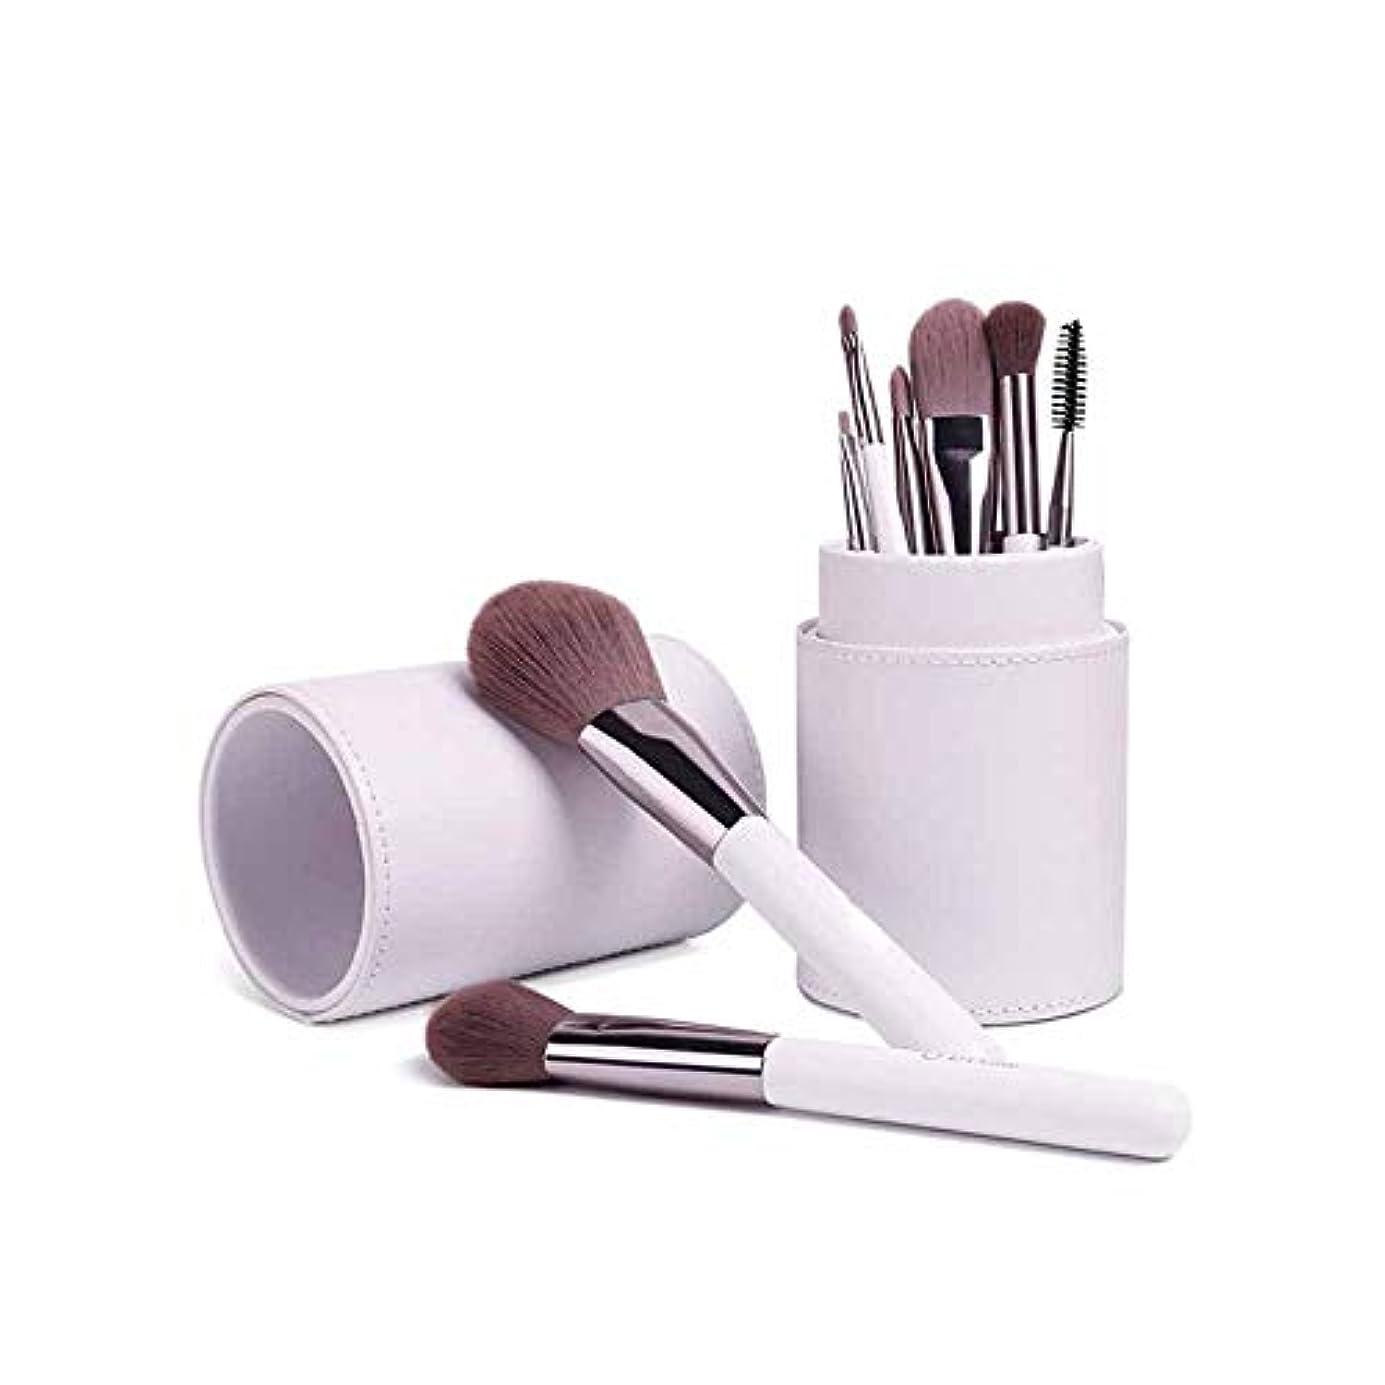 大人手配する優先権Youshangshipin001 化粧ブラシ、8個の化粧ブラシセット、初心者用化粧品のフルセット、持ち運びに便利なポータブルストレージビン付き,ブラシヘッドは繊細で柔らかい (Color : White)